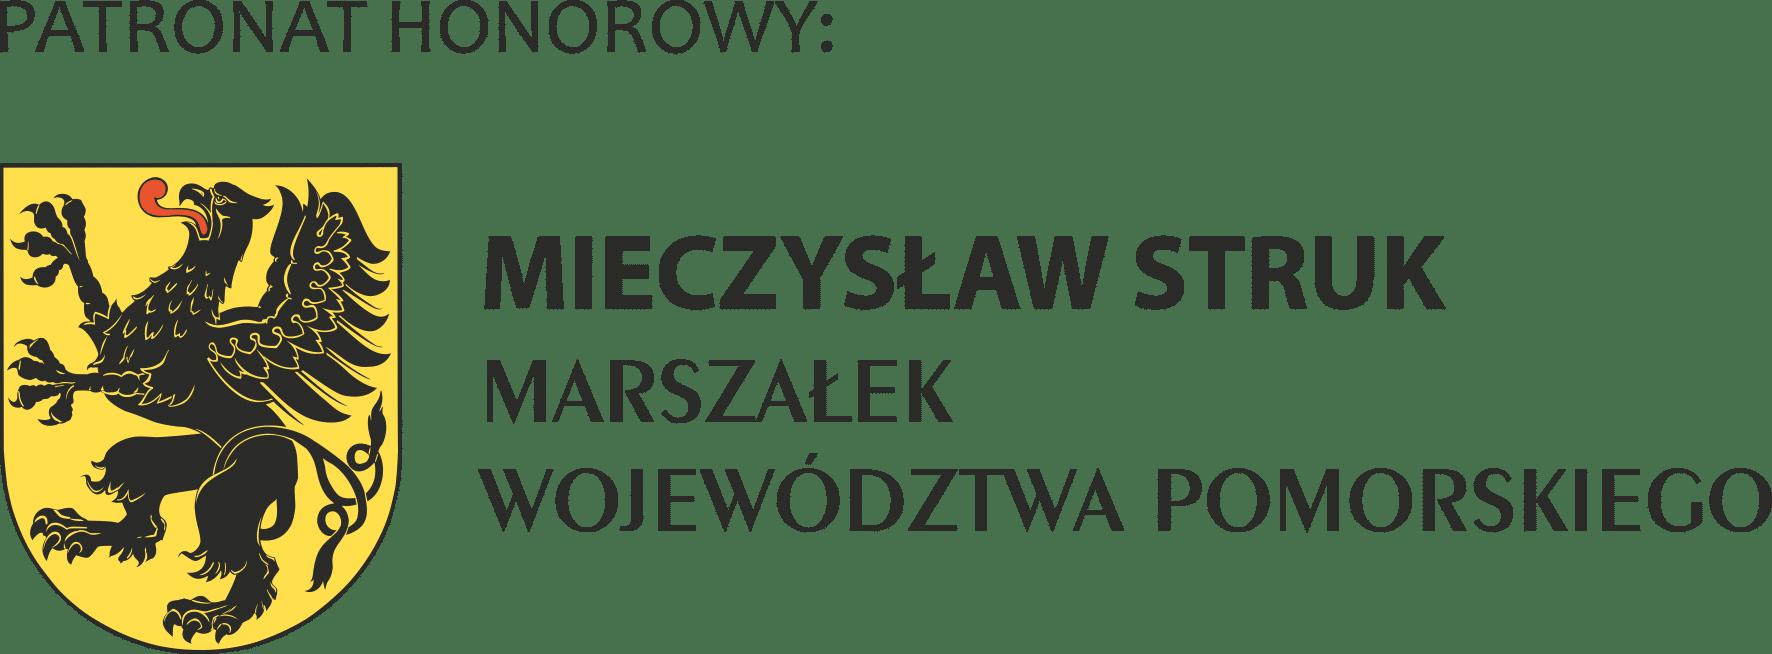 PATRONAT HONOROWY-MARSZALEK WOJEWODZTWA POMORSKIEGO-poziom-prawa RGB-ONLY FOR WEB-2012.png